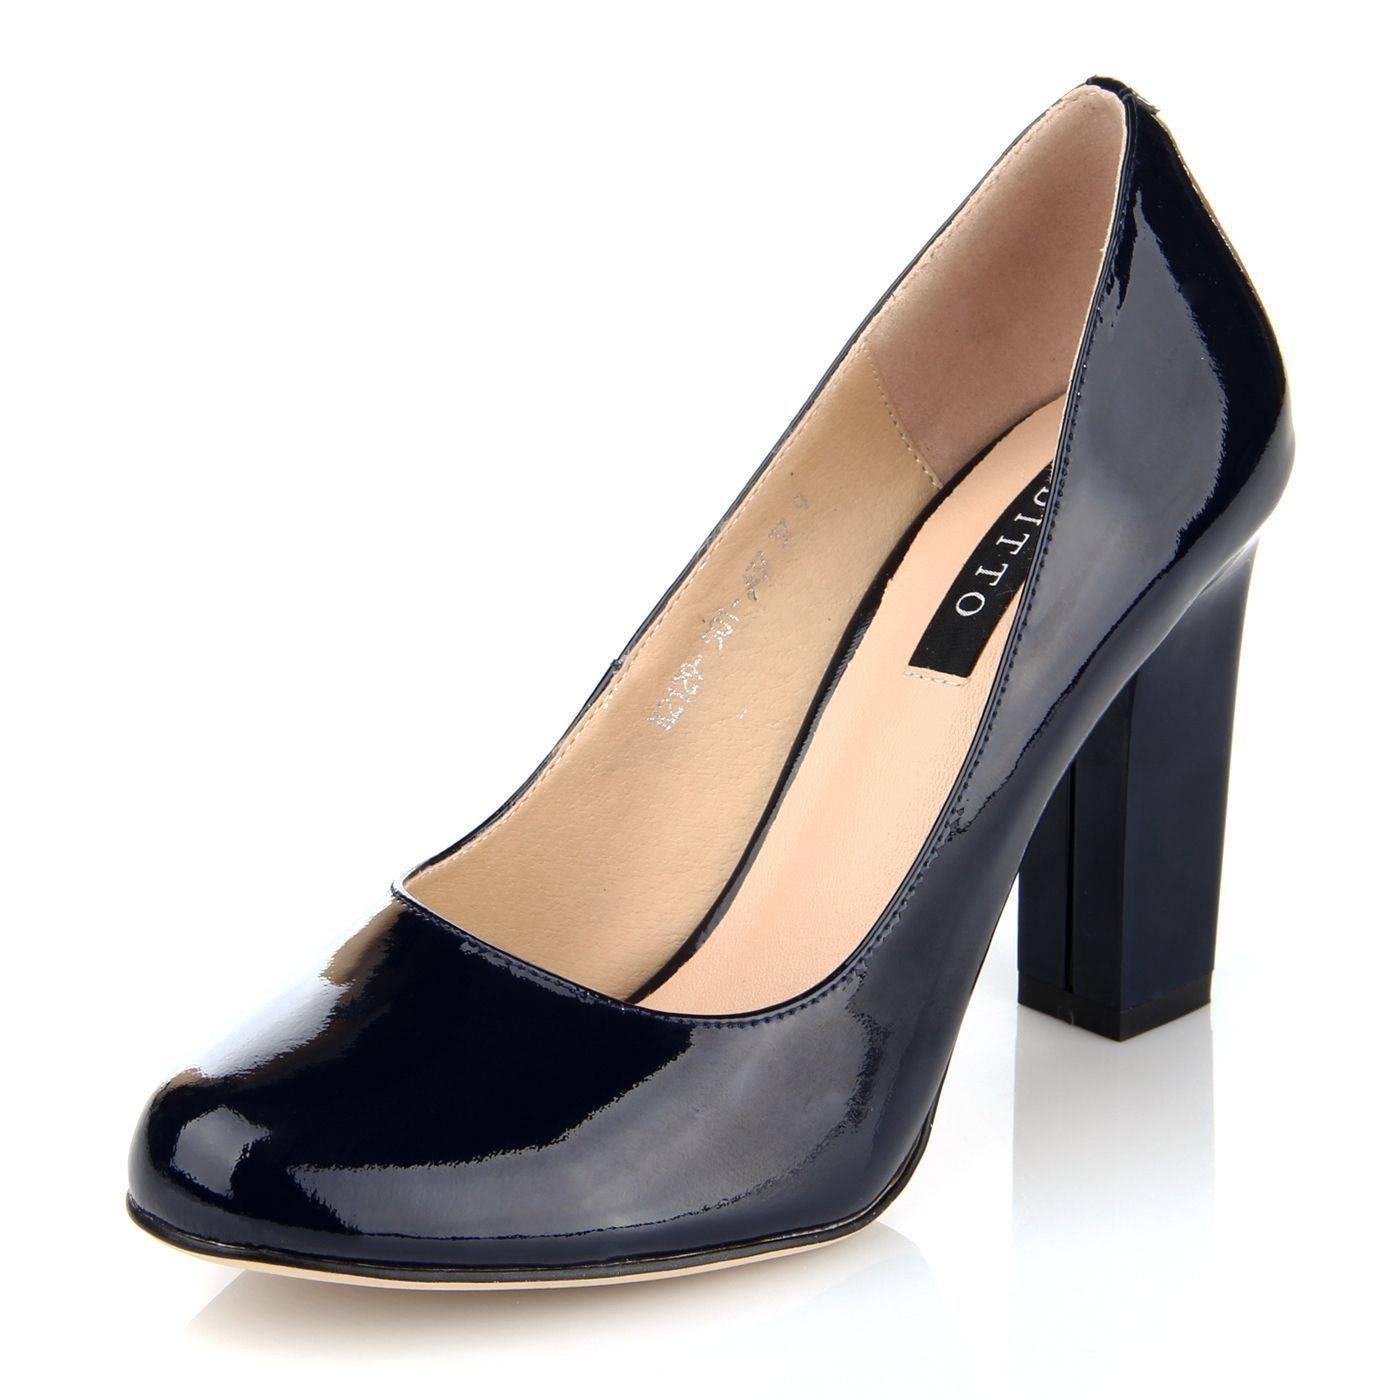 Туфлі жіночі ditto тисячі дев  39 ятсот дев  39 яносто чотири Синій ... 5a72fbcf561af